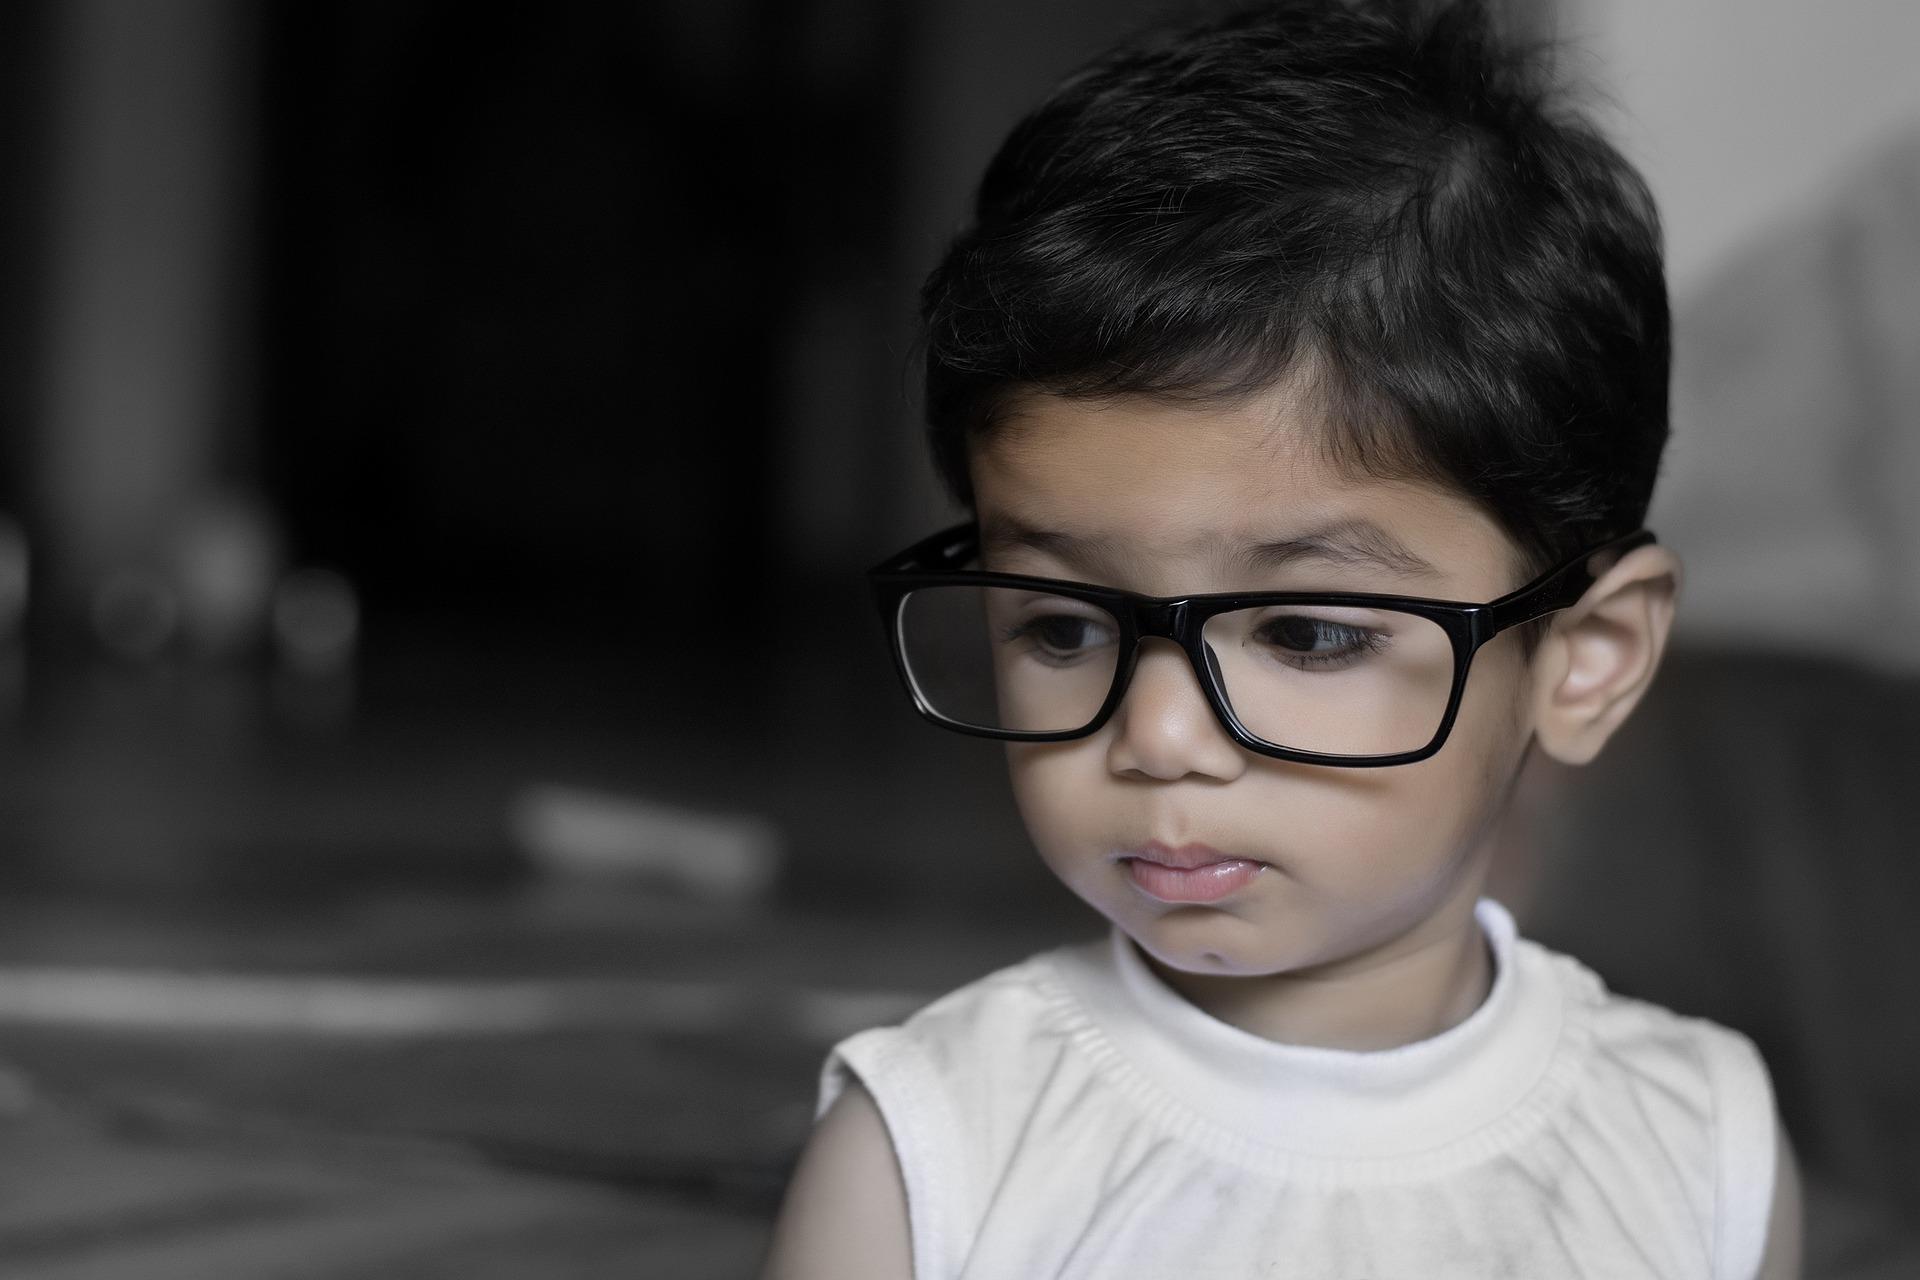 Crianças submetidas a cirurgia de catarata congênita unilateral têm risco de desenvolver glaucoma depois de um tempo?